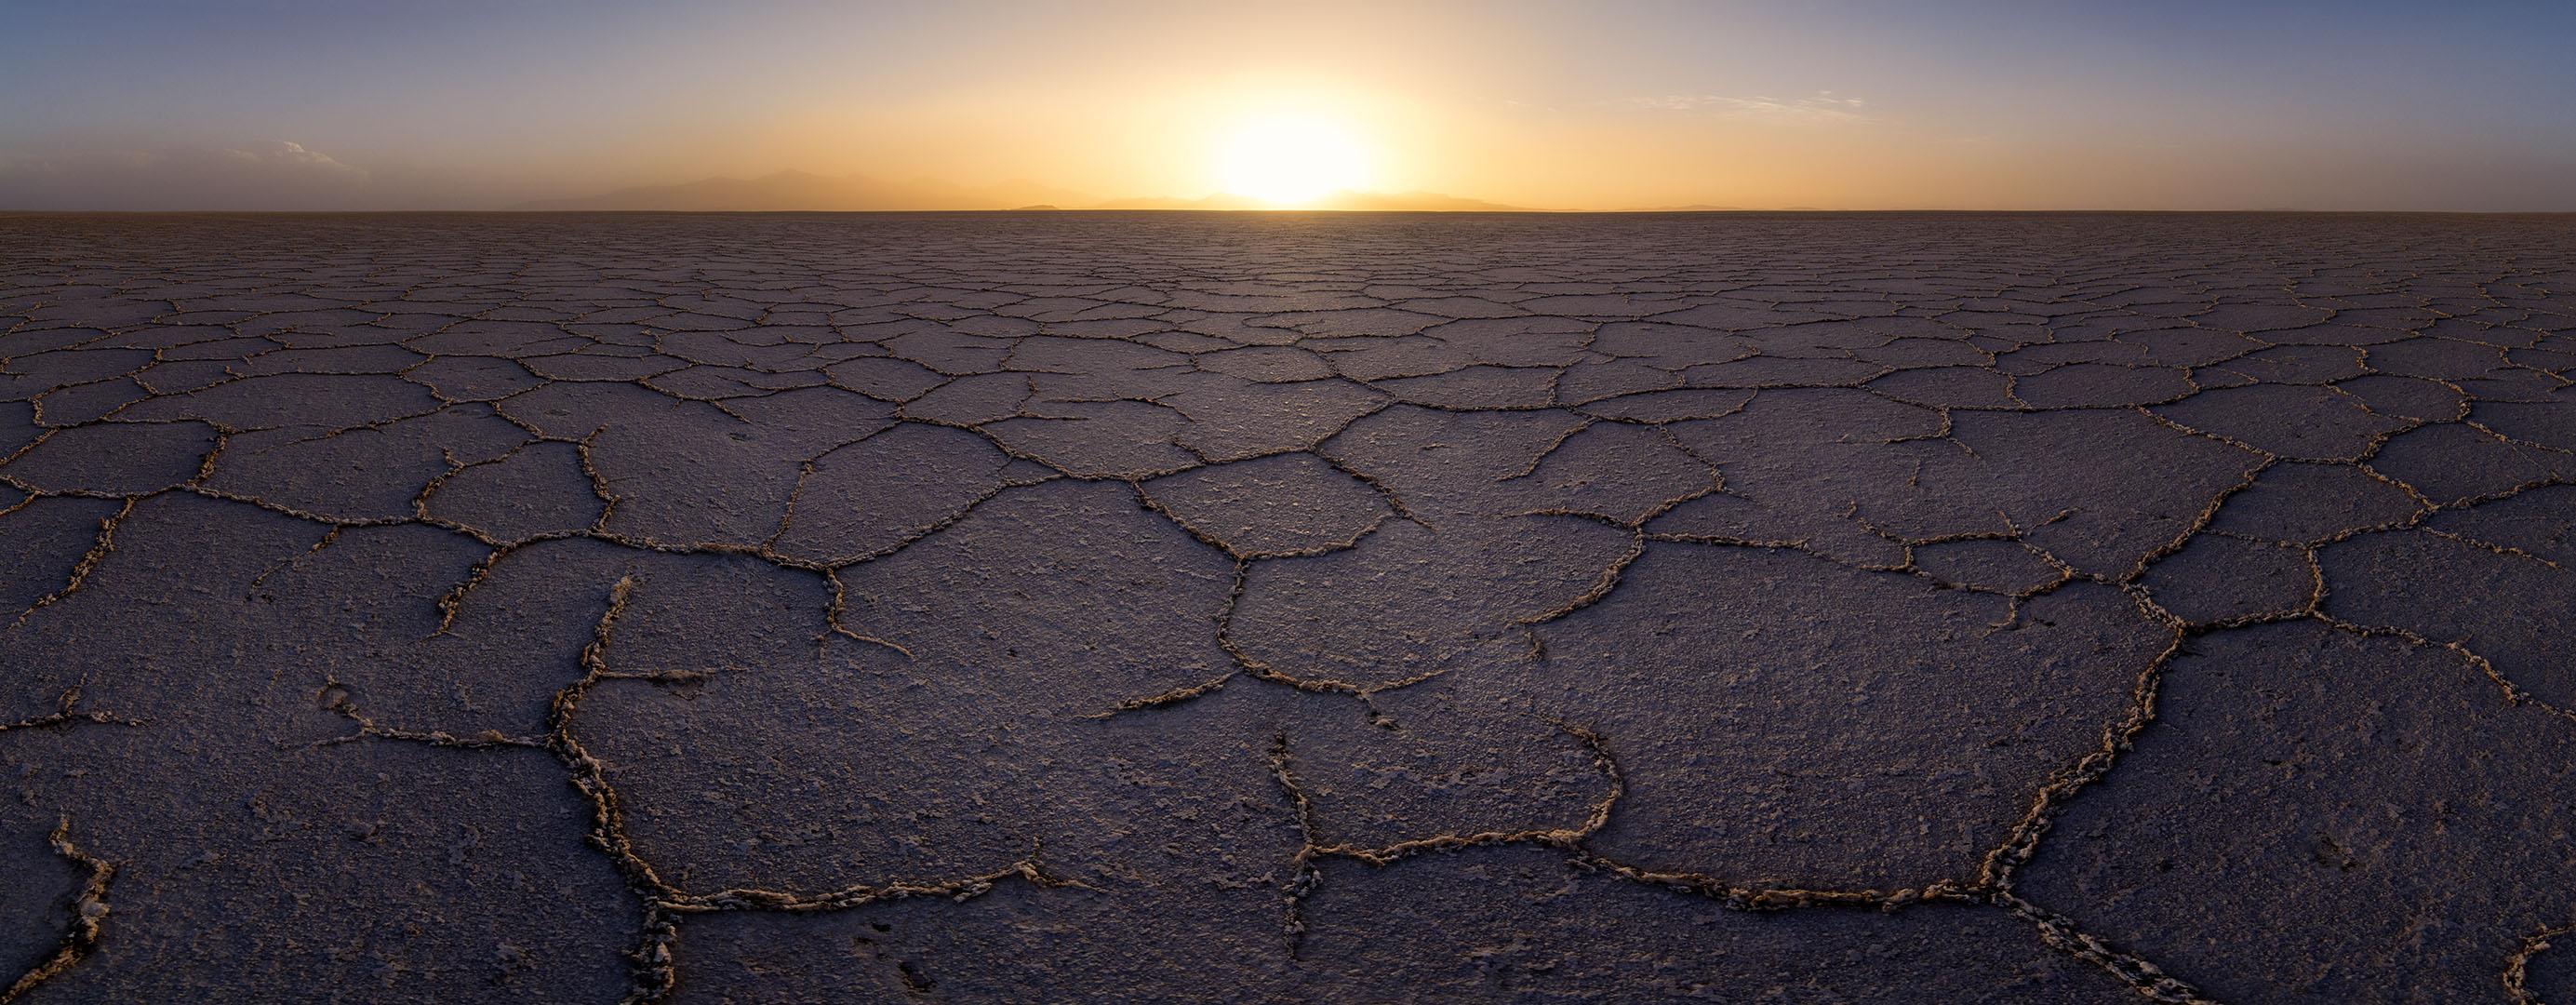 Geoglifos de sal - Grandes espacios - Fotografia Larrea. Paisajes y grandes espacios